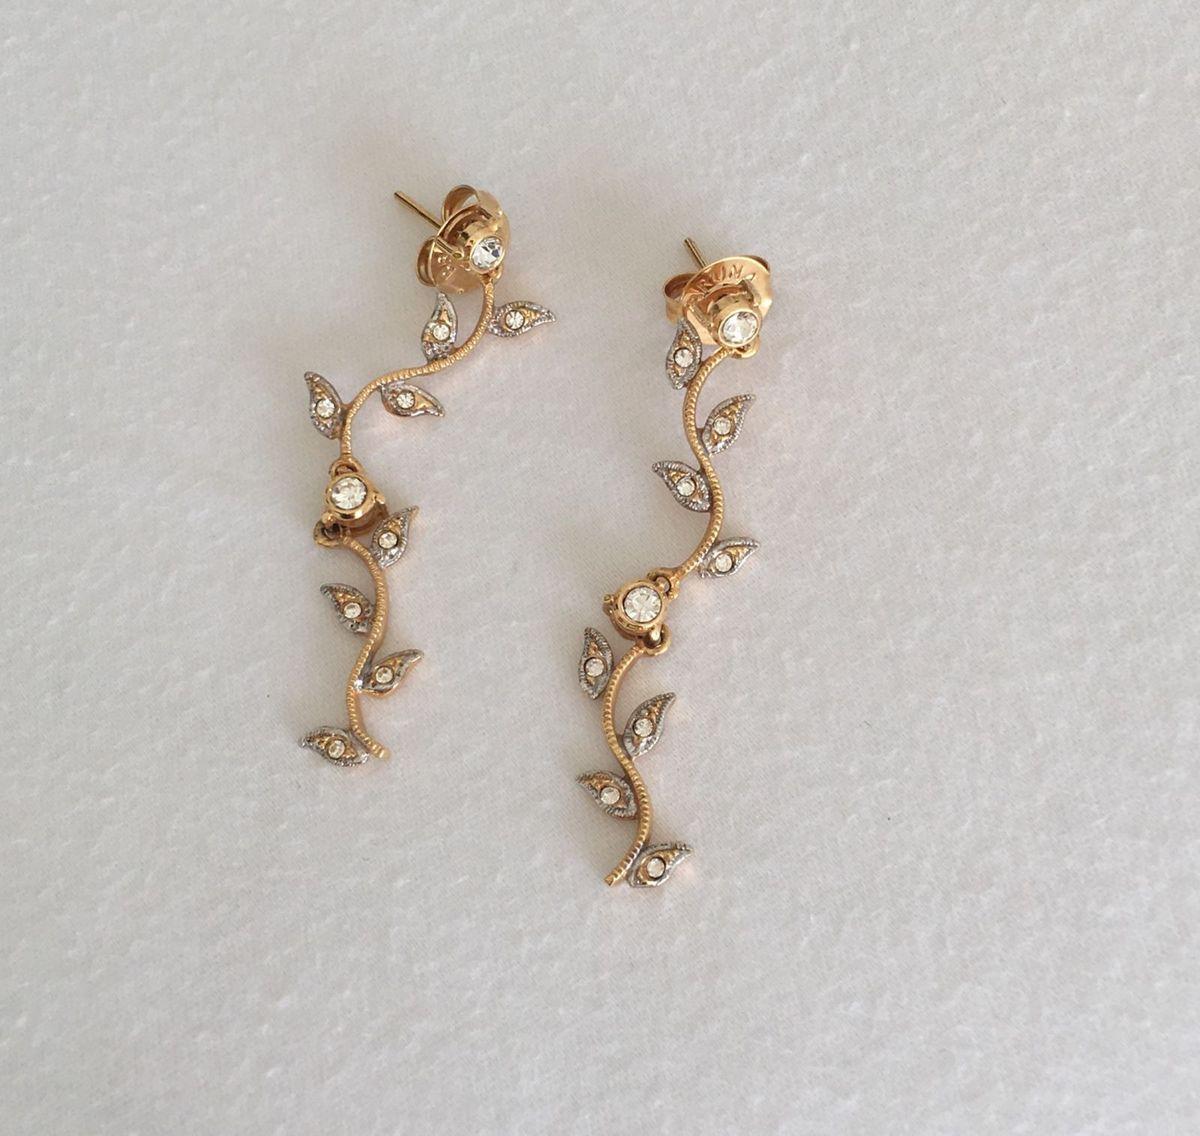 brinco semi jóia banhado ouro longo e detalhes em prata delicado flor e folhas - jóias life